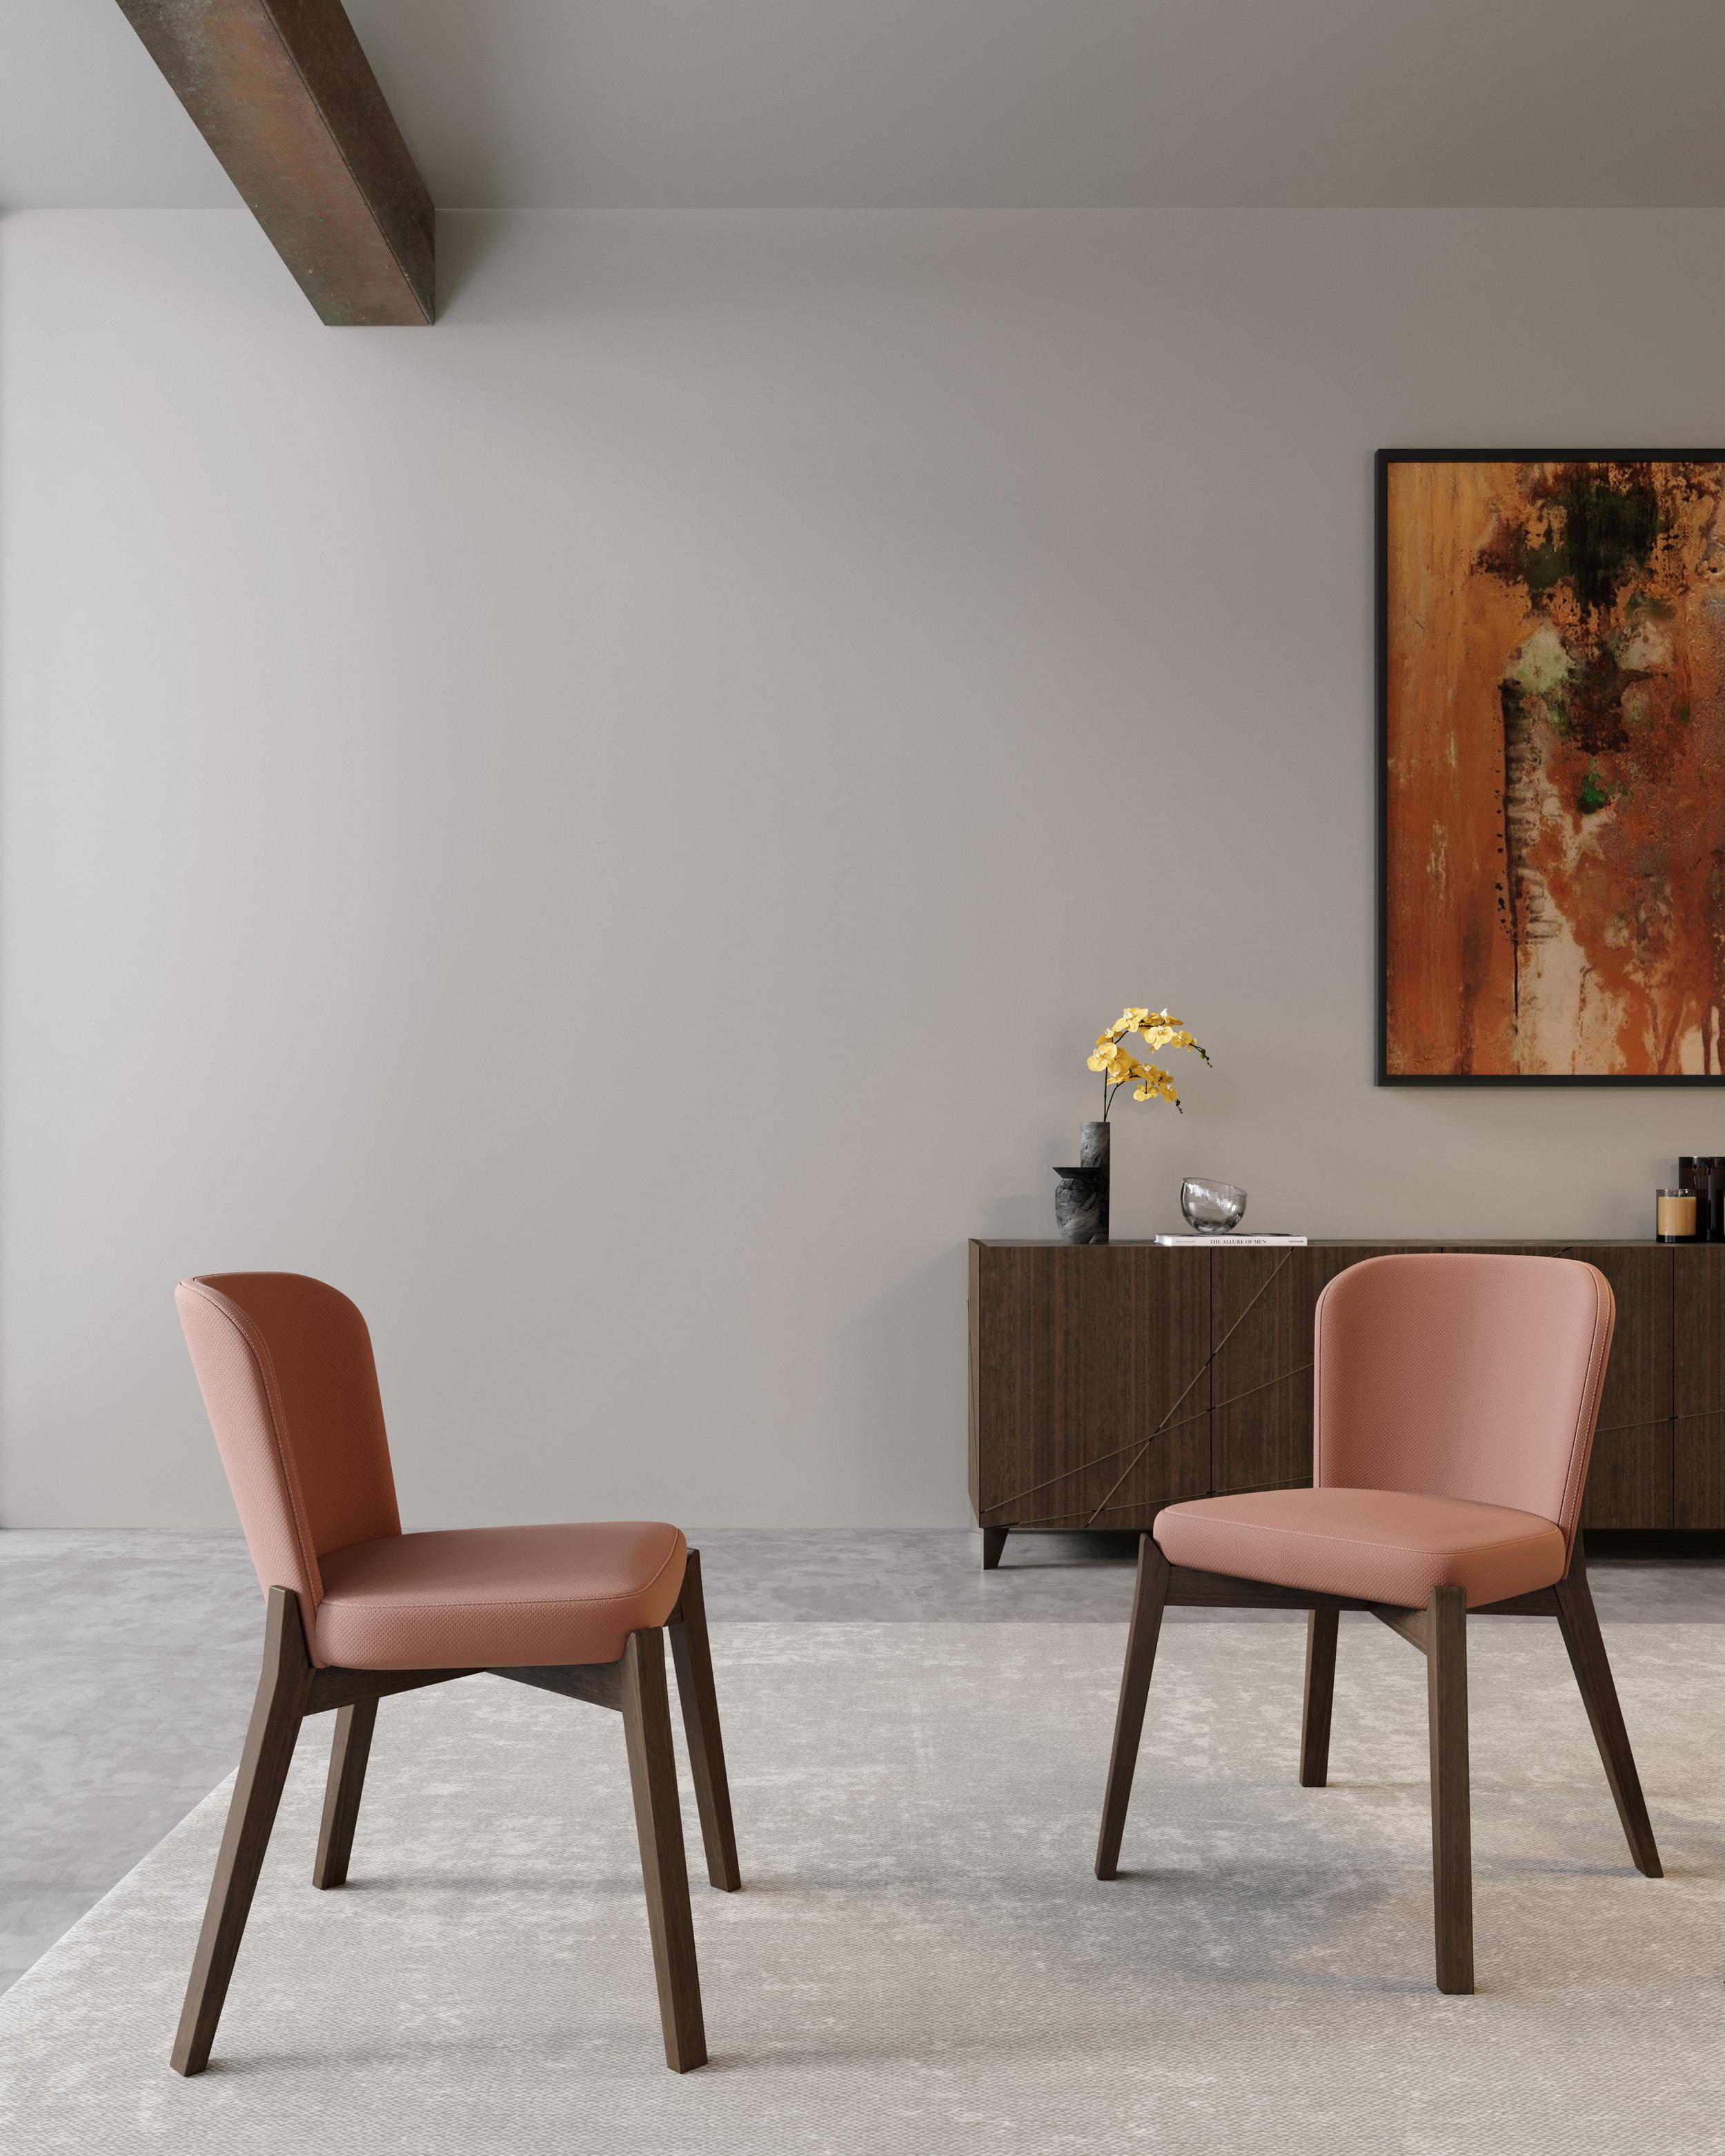 Chair_cam1_geral.jpg